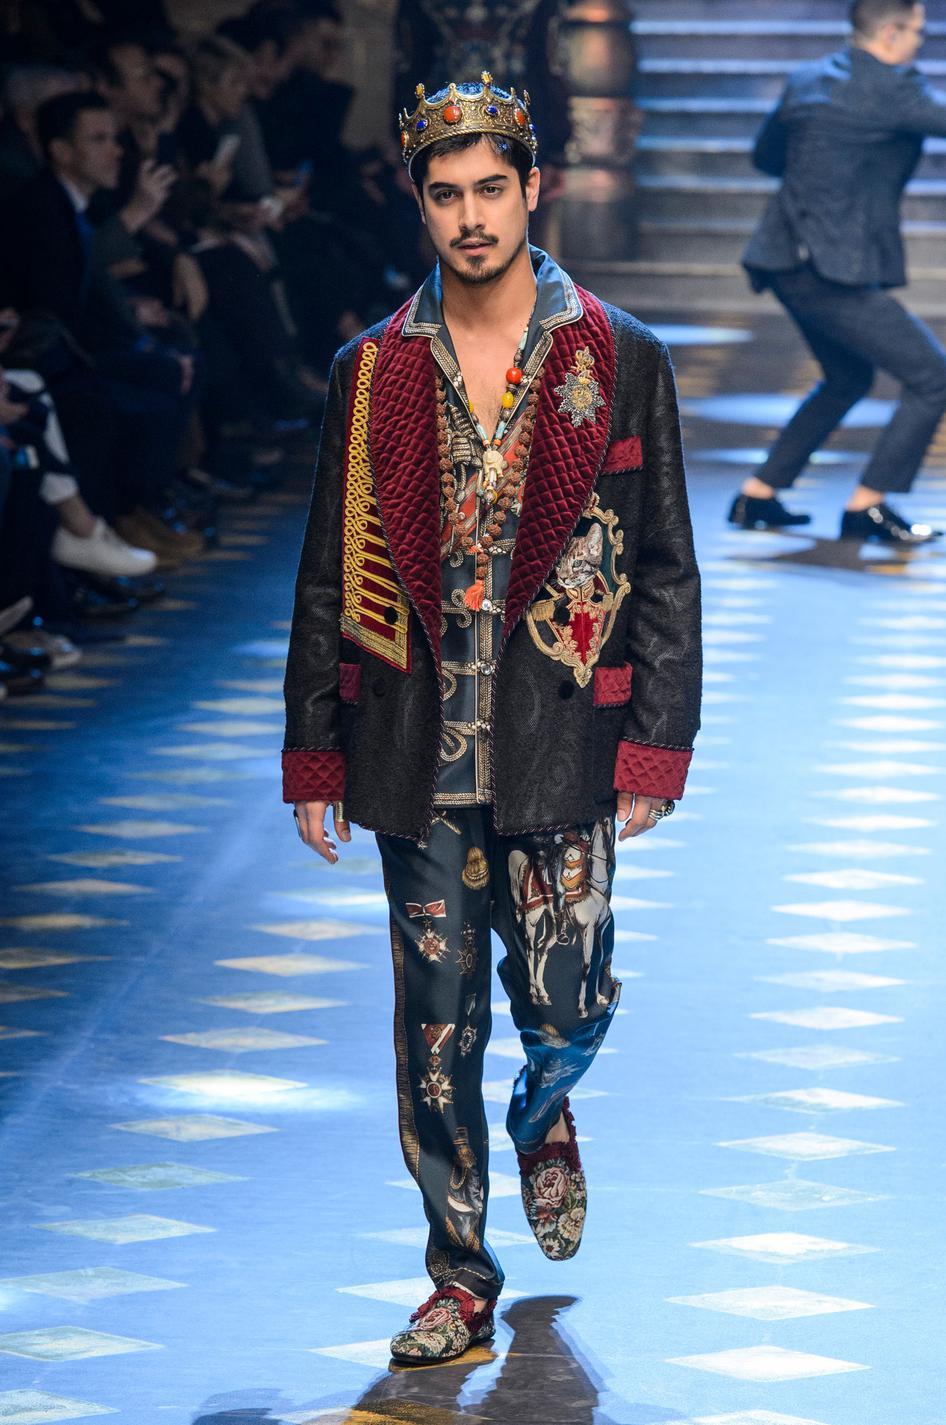 1a5ef7f9 ... Le célèbre casting de Millennials du défilé homme Dolce & Gabbana  automne-hiver 2017-2018 - Avan Jogia ...